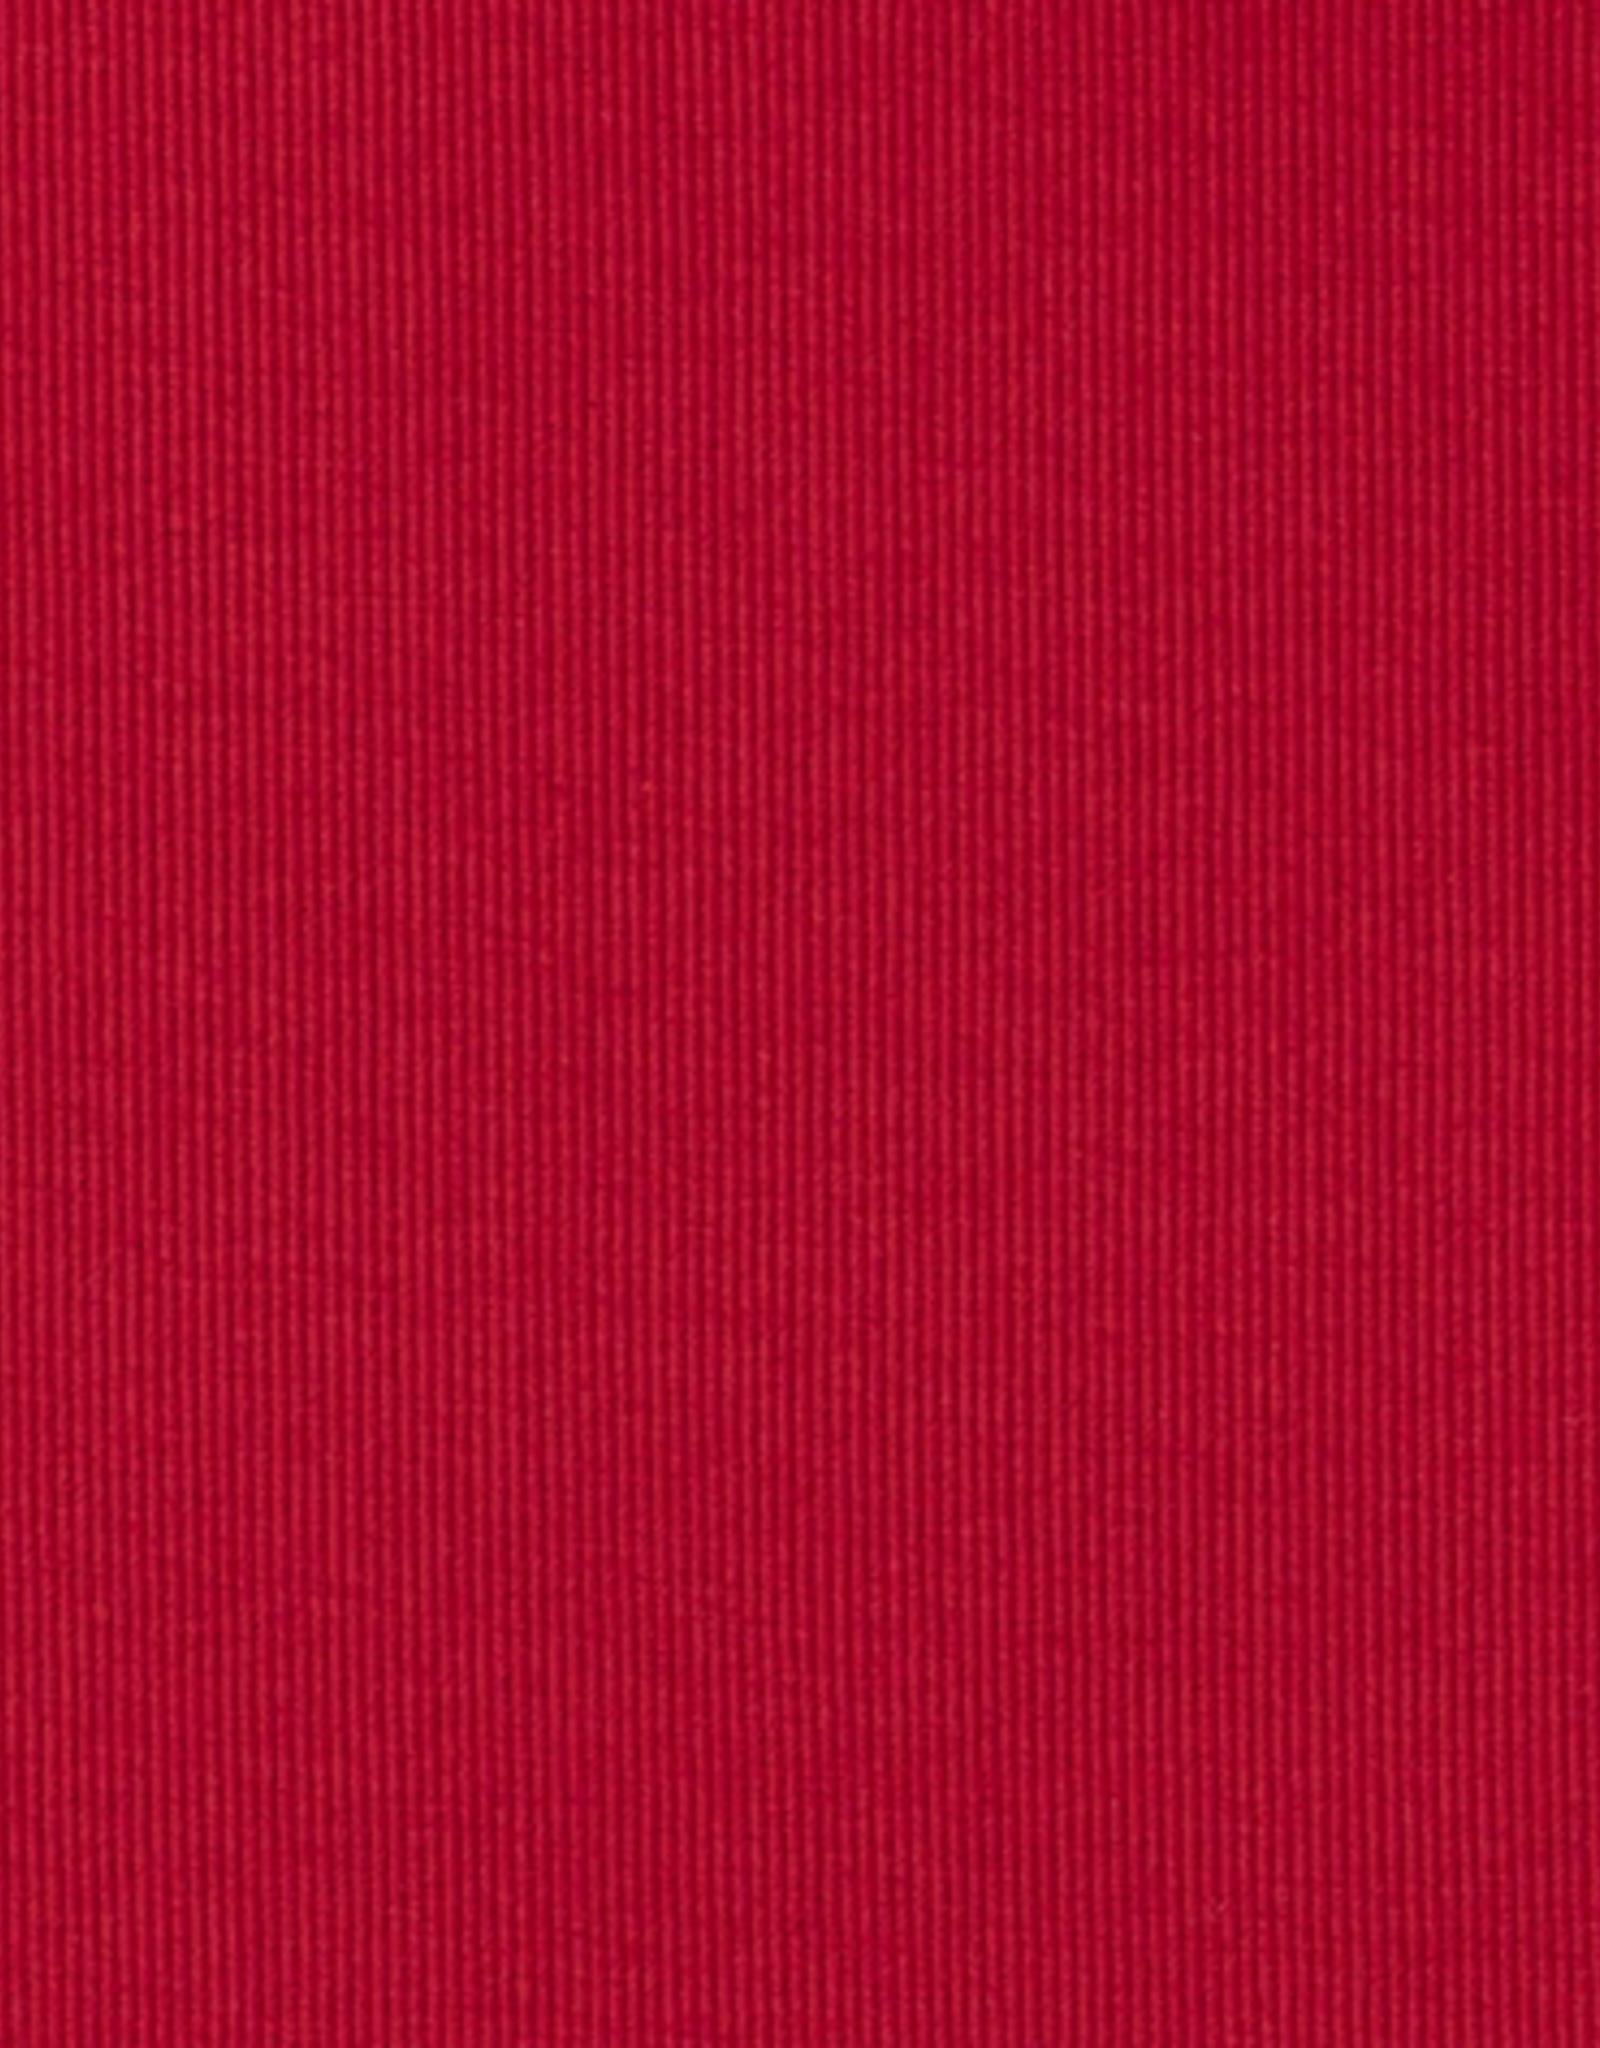 Ribboordstof - Rood